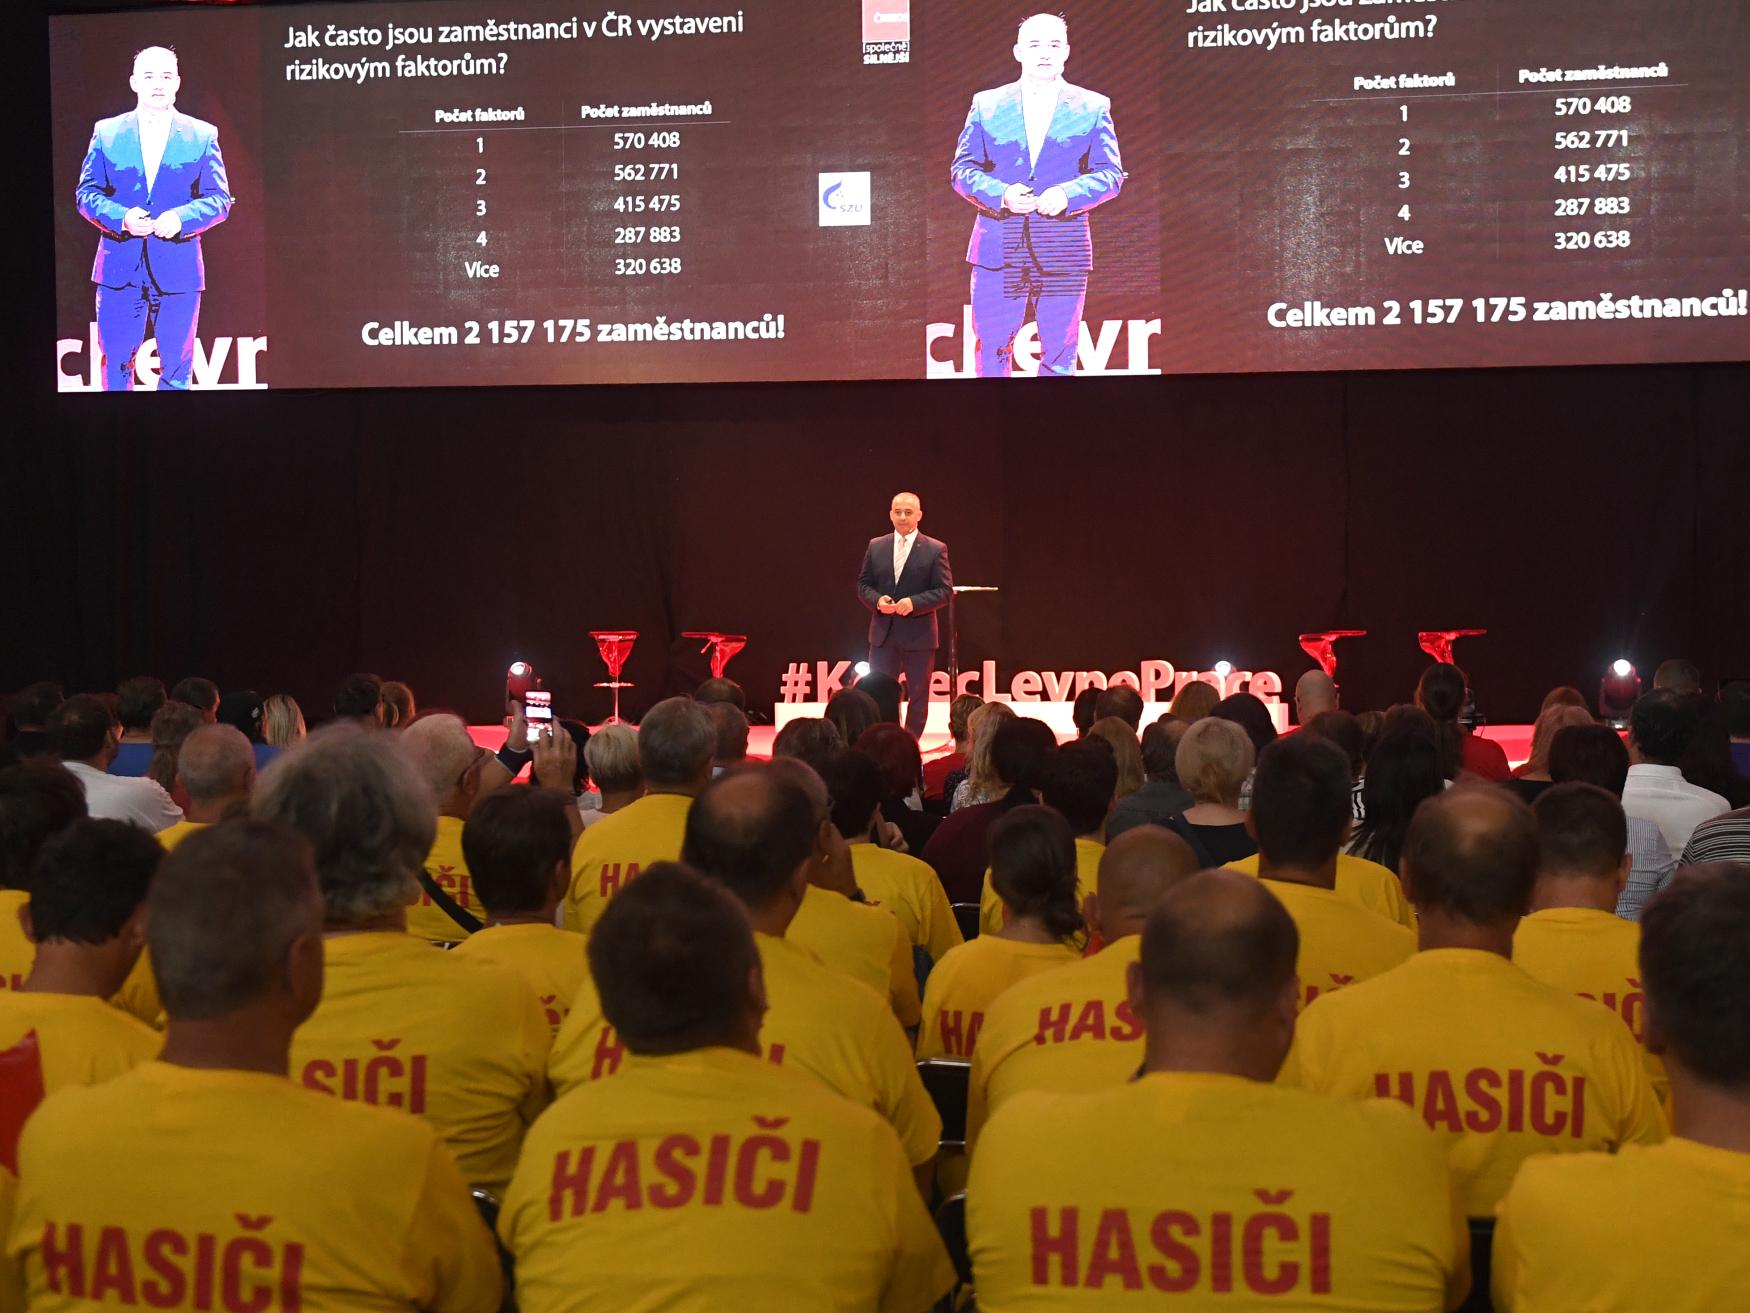 Předseda Českomoravské konfederace odborových svazů Josef Středula vystoupil na shromáždění odborářů před kolektivním vyjednáváním o růstu mezd ve firmách